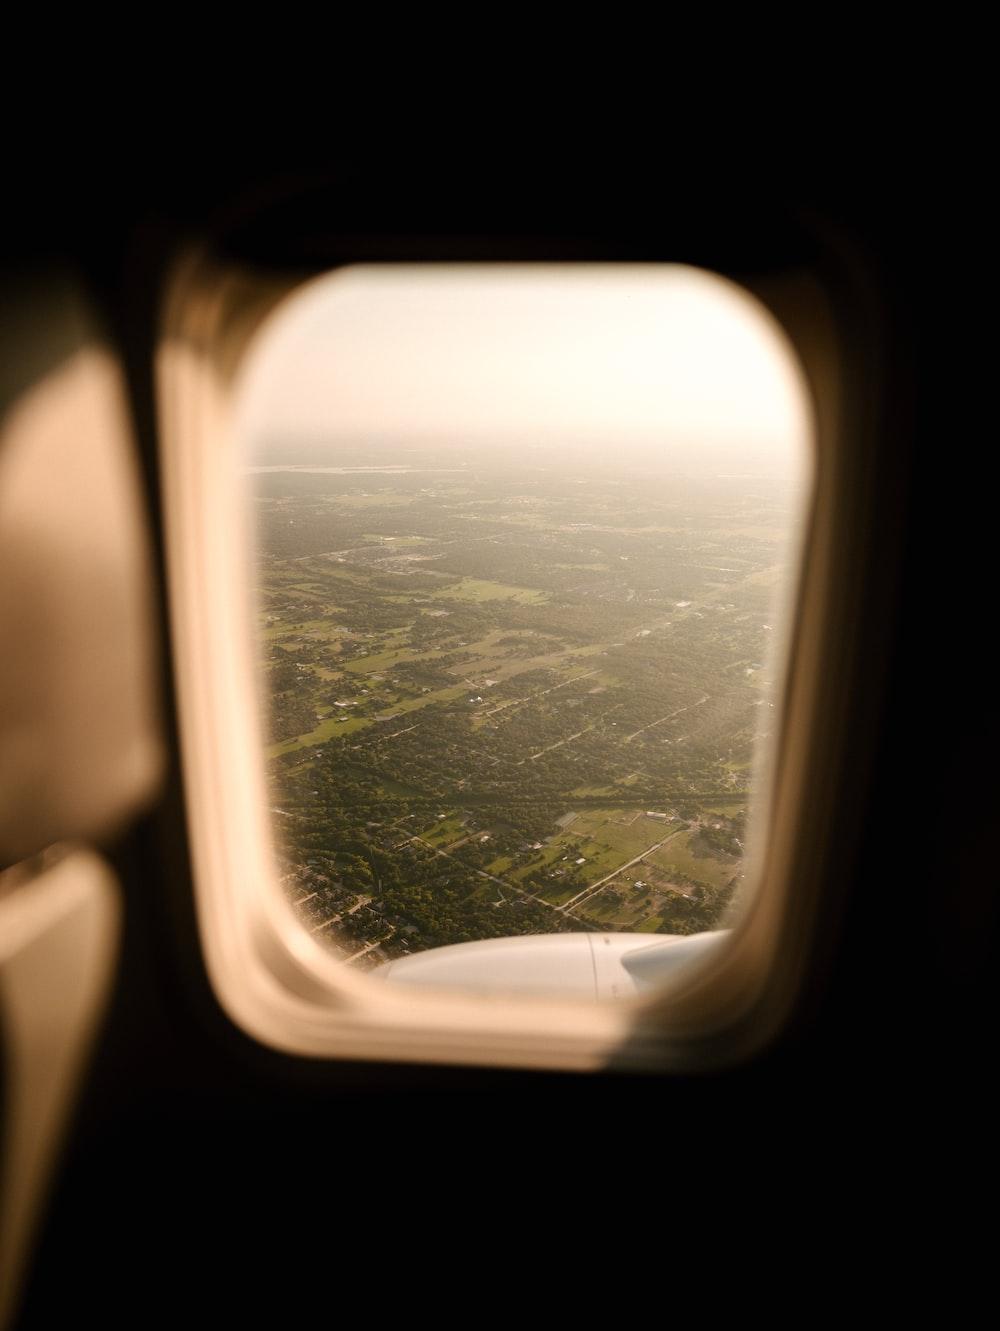 rectangular airplane window